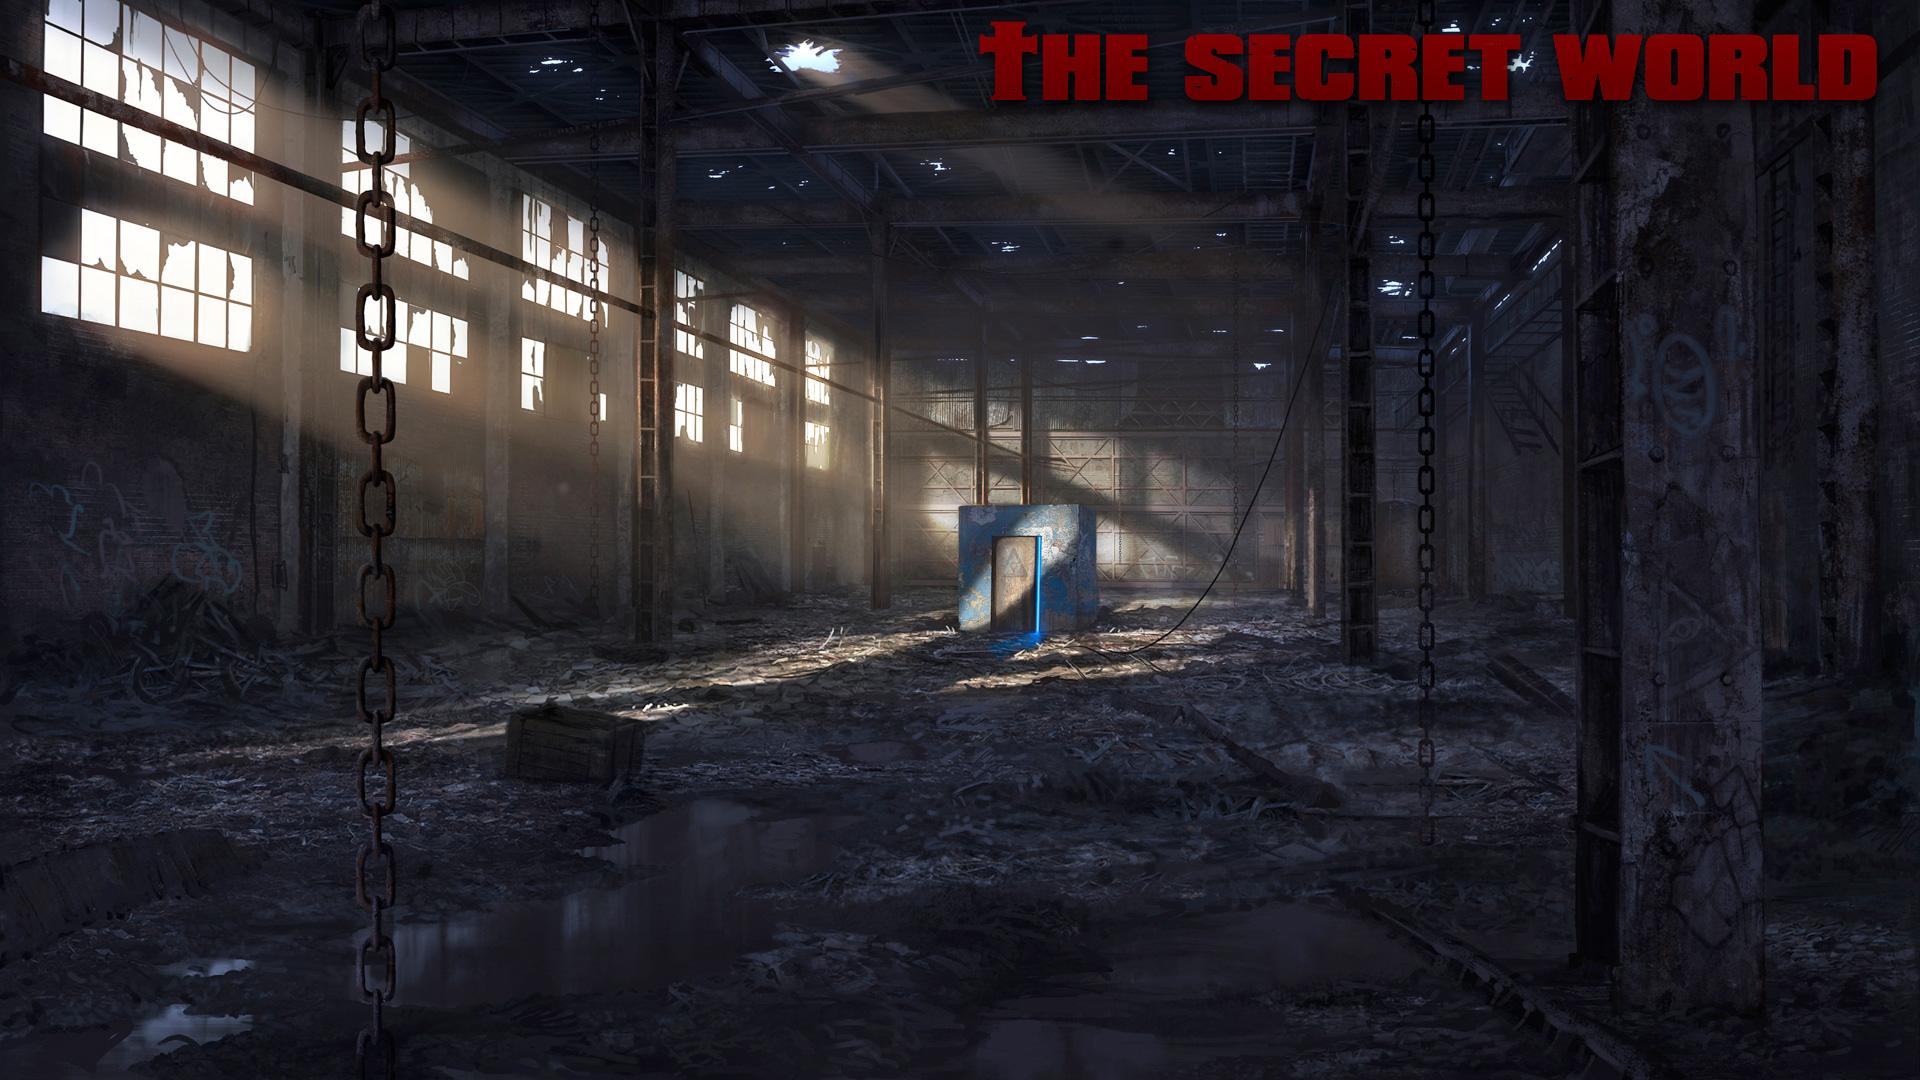 The Secret World wallpaper 15